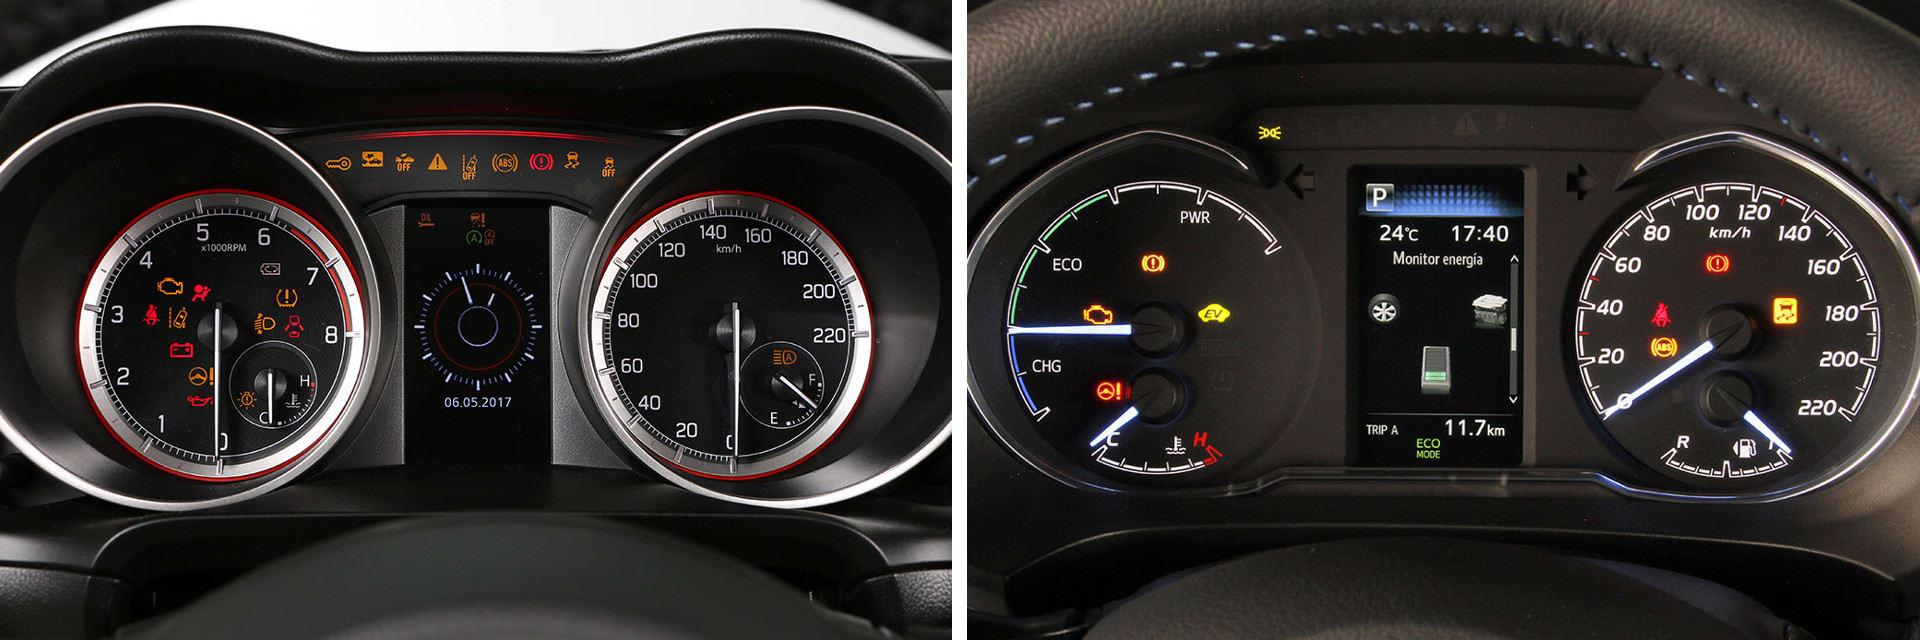 Tanto la instrumentación del Suzuki Swift (izq.) como la del Toyota Yaris (dcha.) se visualizan sin problemas y tienen un diseño muy parecido.